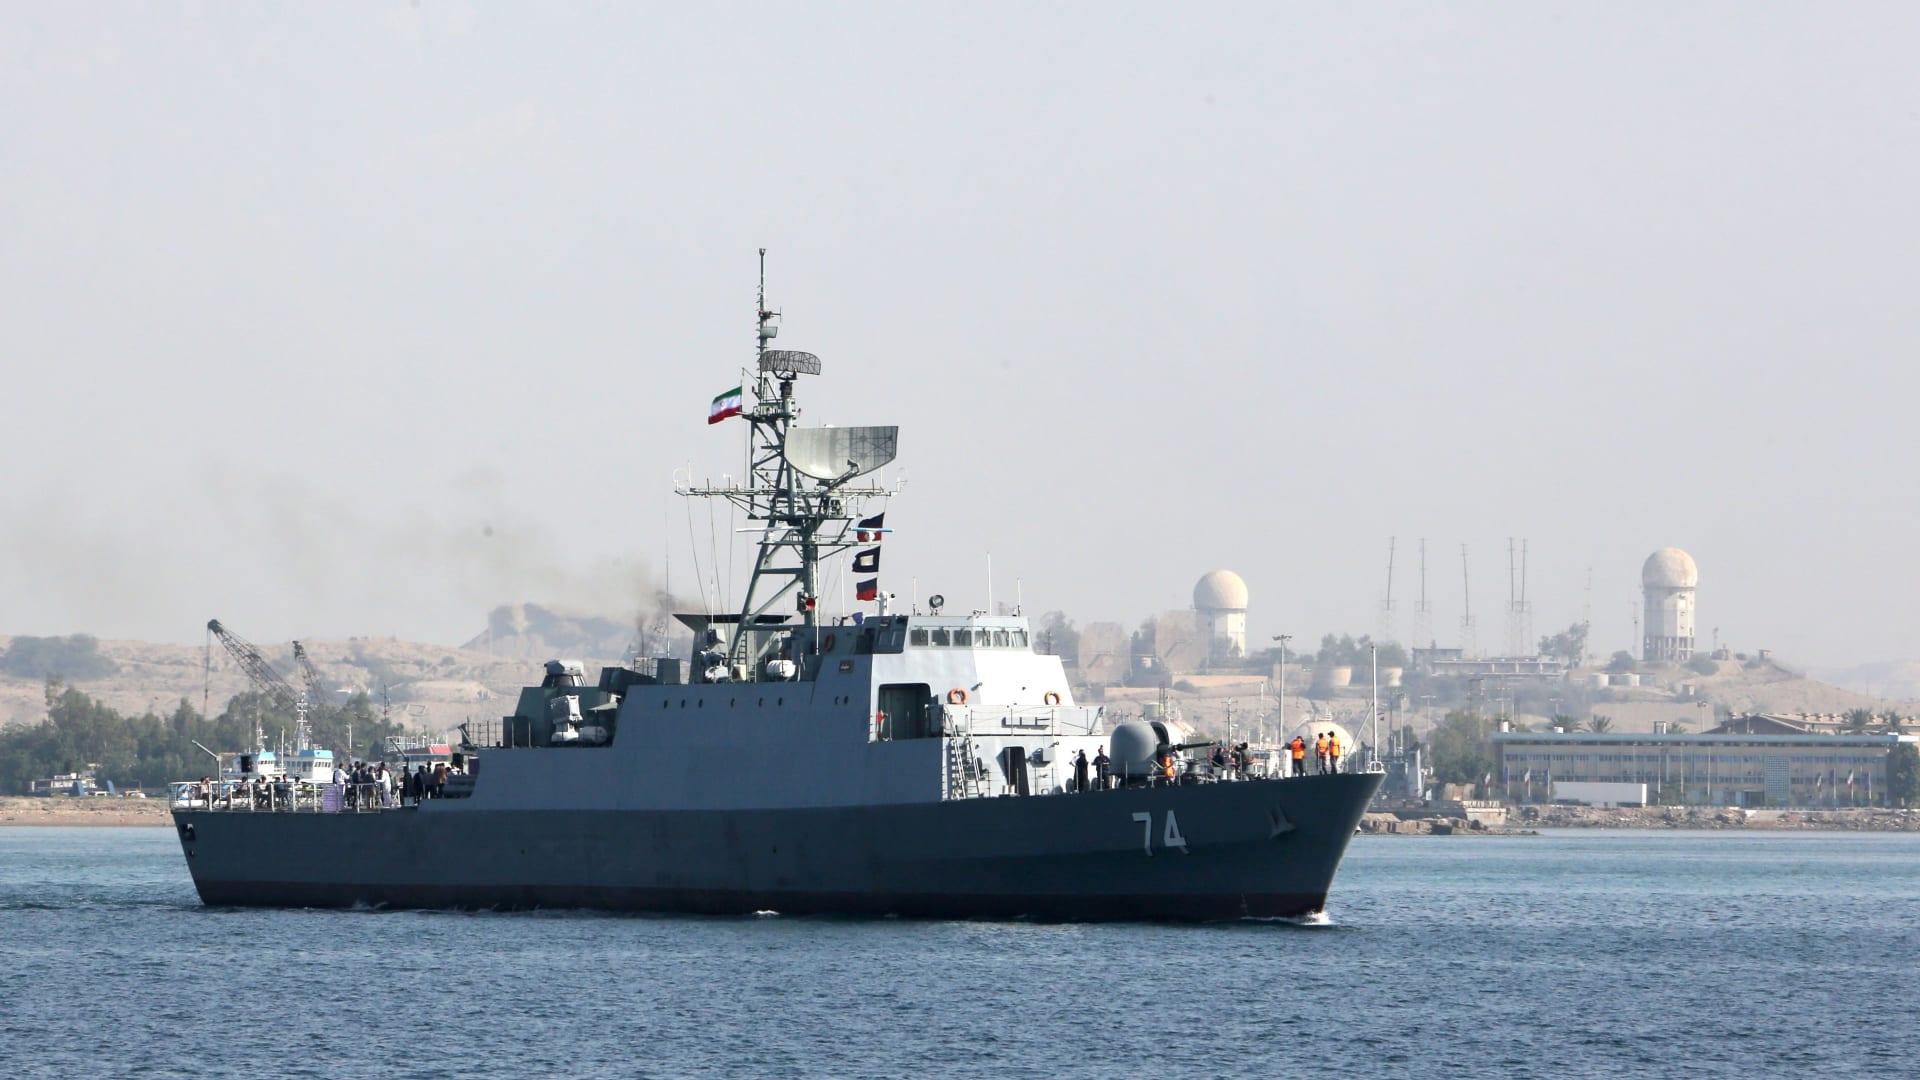 صورة أرشيفية تعبيرية لسفينة تابعة للقوات البحرية الإيرانية